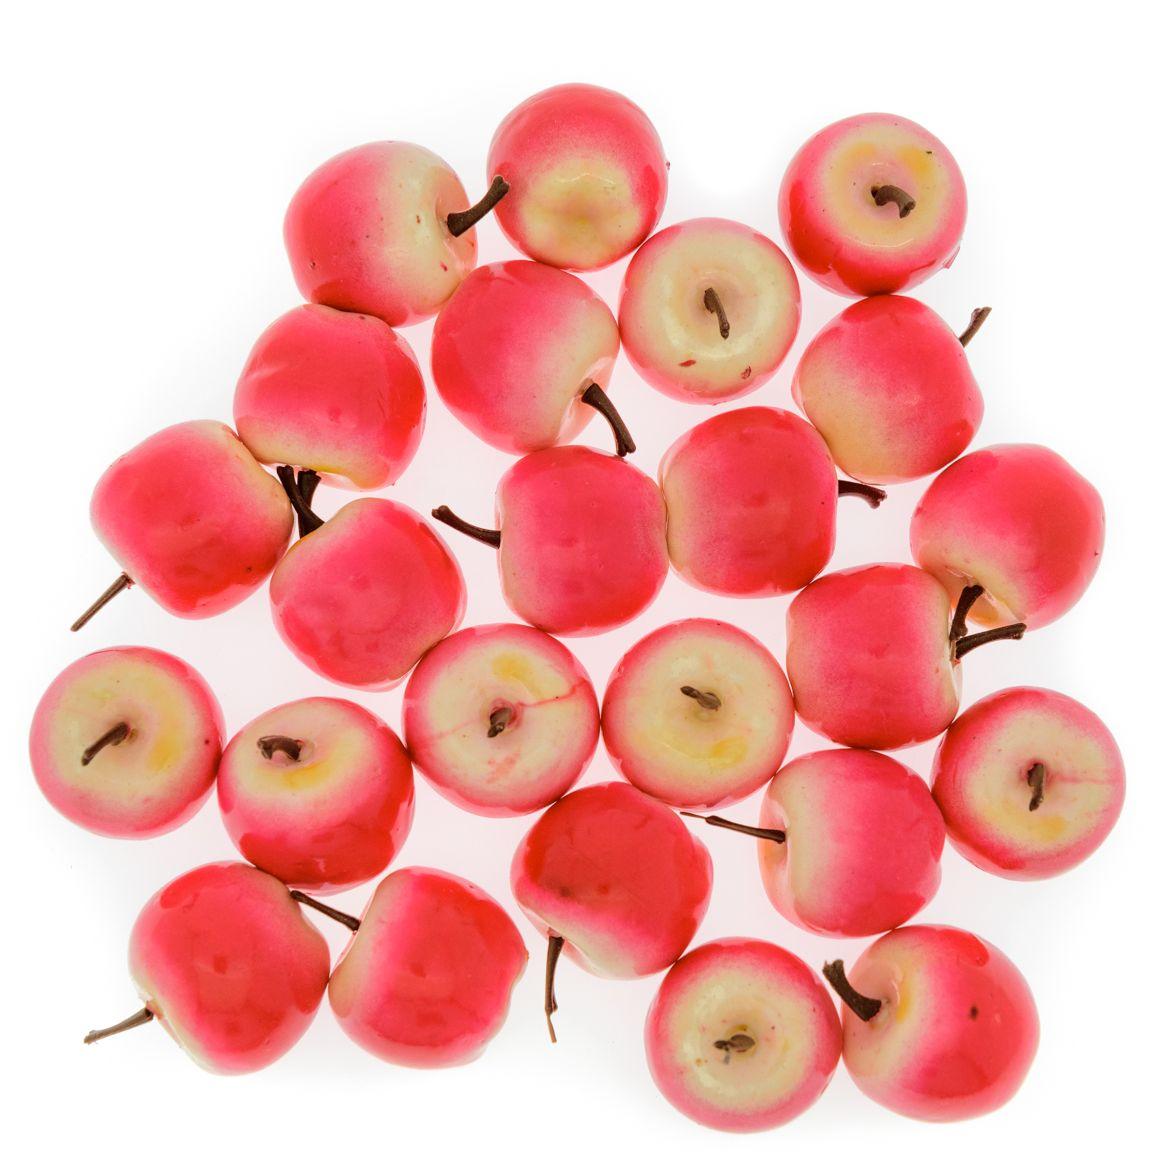 Анданте Счетный материал Яблочки 24 элемента 282757 яблочки пятки купить